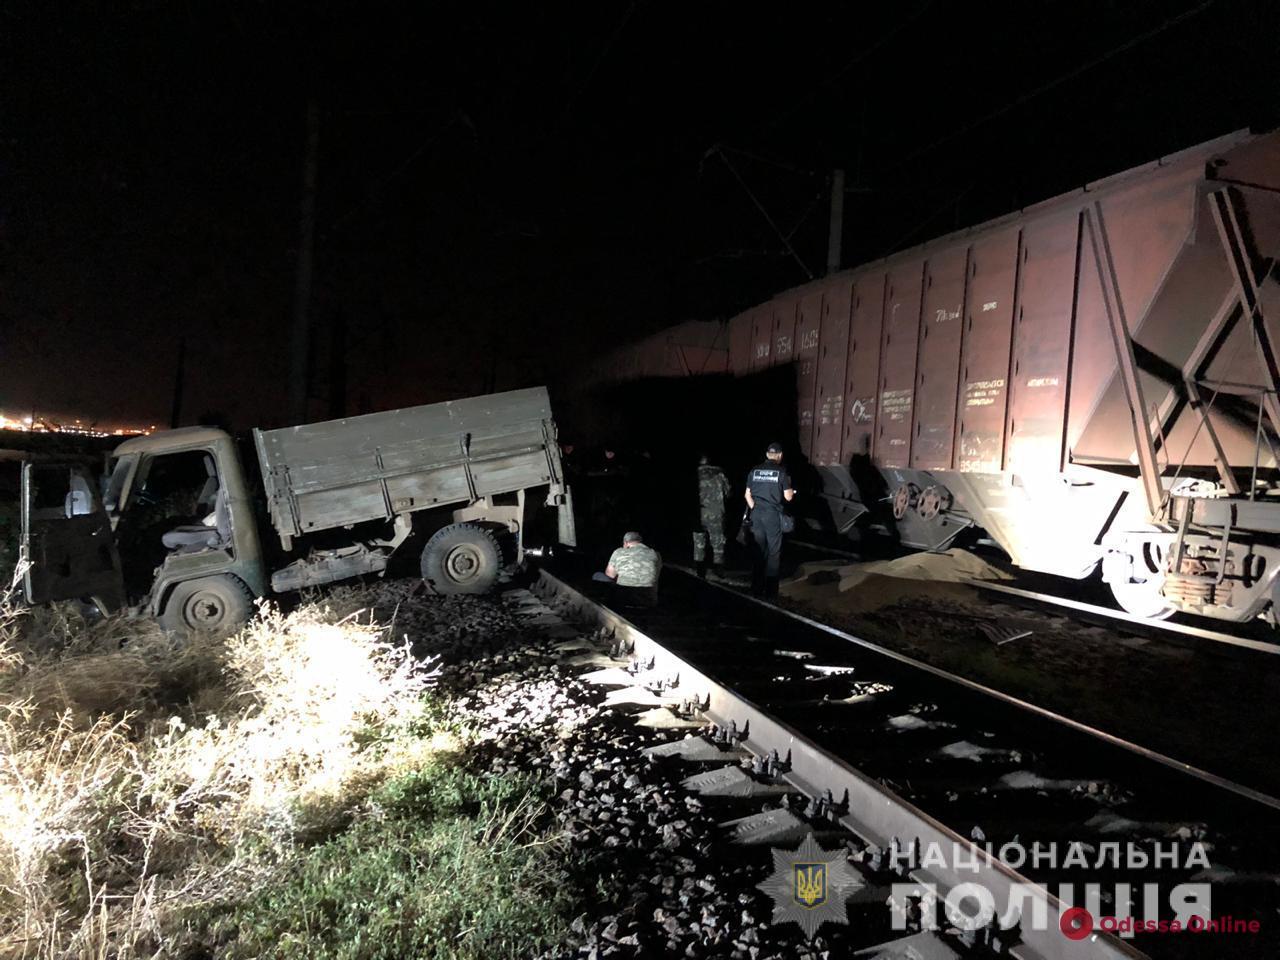 Трое жителей Одесской области воровали зерно на железной дороге